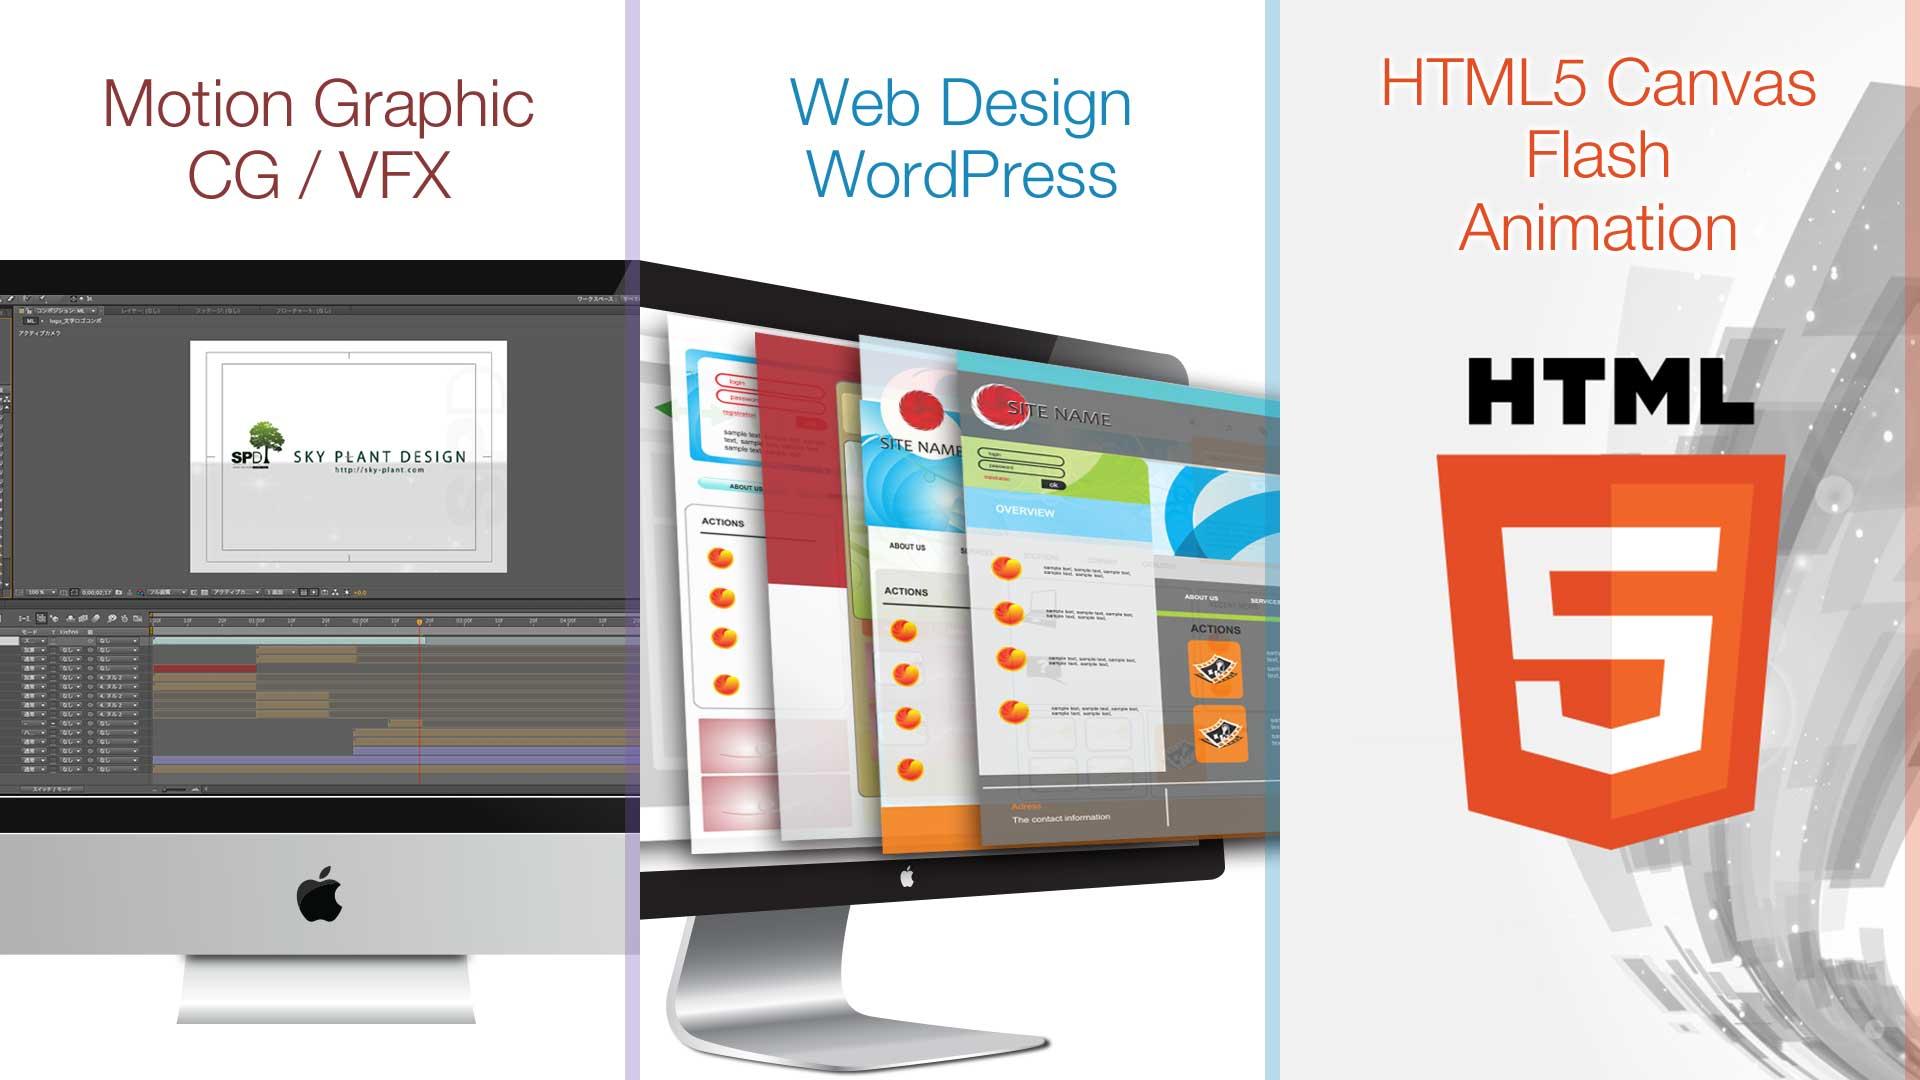 映像,CG,VFX,ウェブデザイン,WEB,HTML5 canvas,FLASH,アニメーション,グラフィックデザイン,印刷,GRAPHIC Design